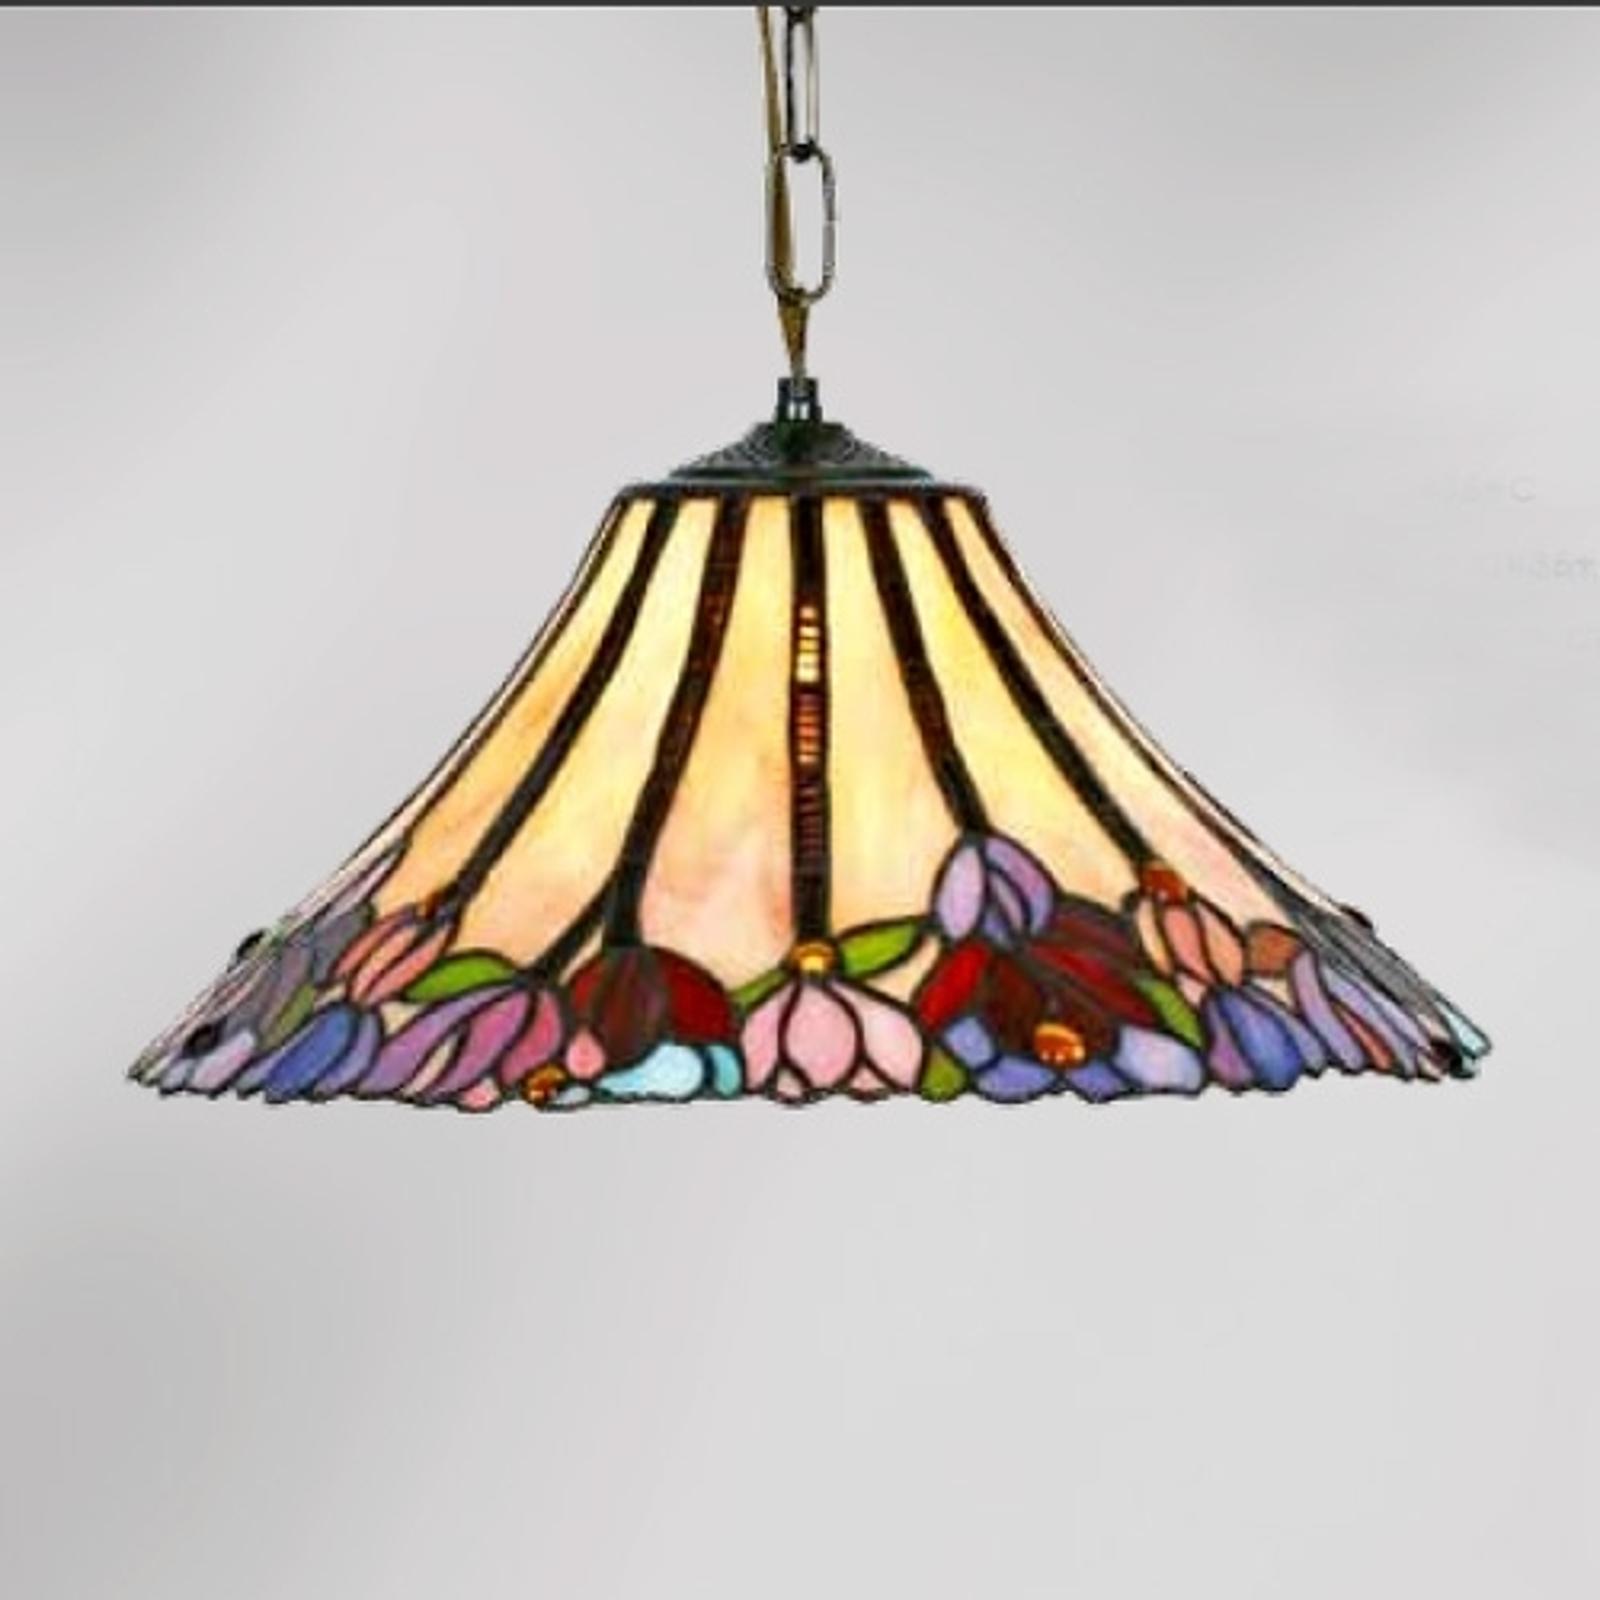 Beautiful Tiffany-style hanging light Tori, 1-bulb_1032257_1